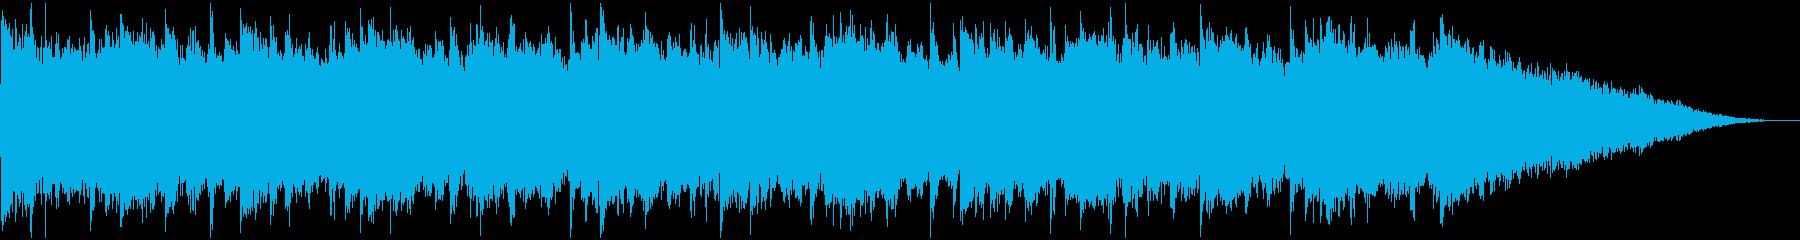 30秒企業VP34,コーポレート明るいBの再生済みの波形